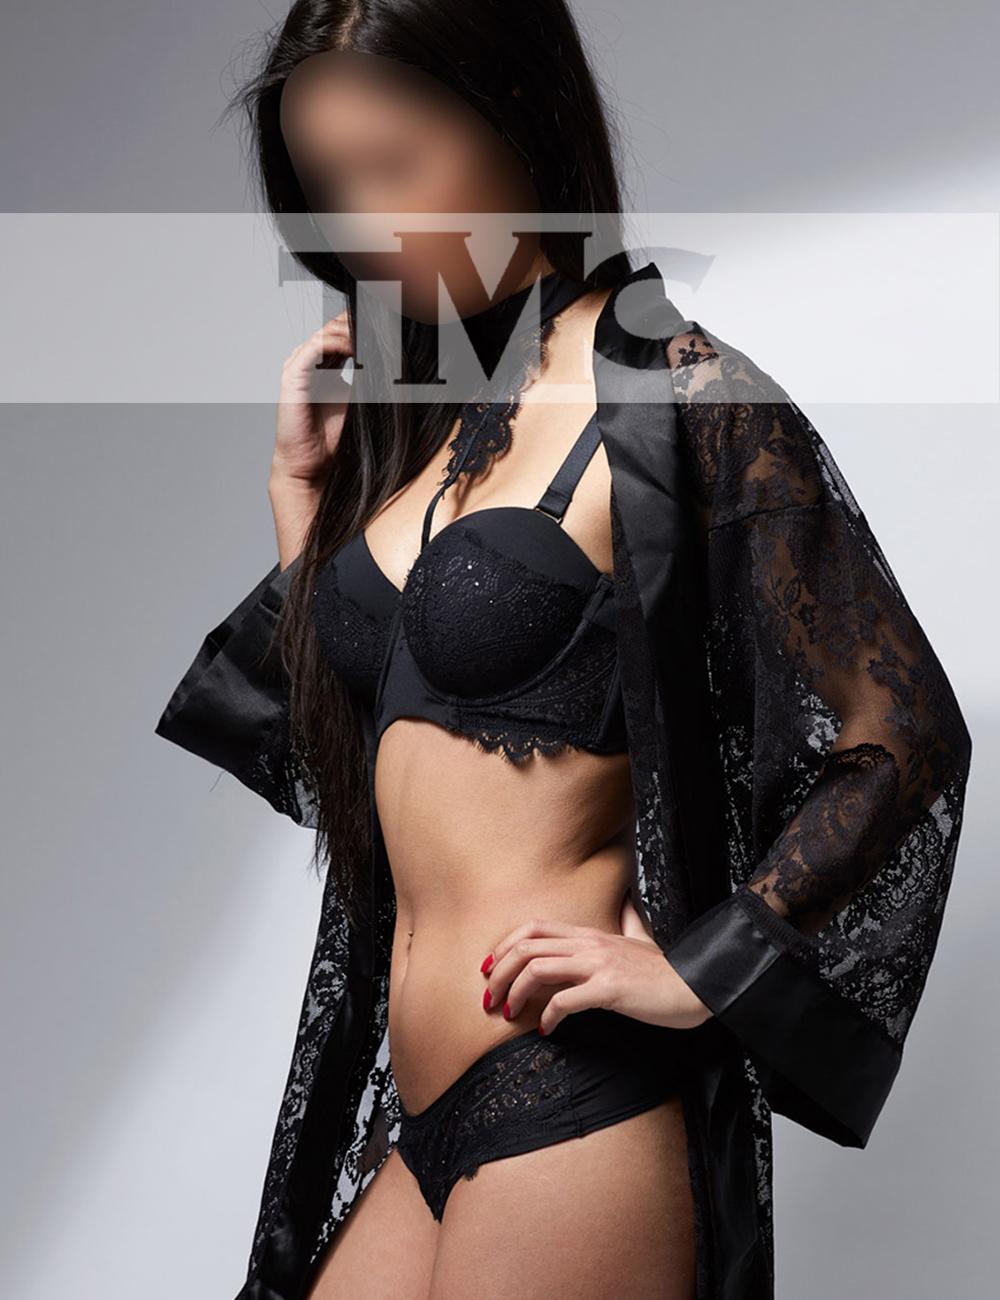 female escort amsterdam jasmine